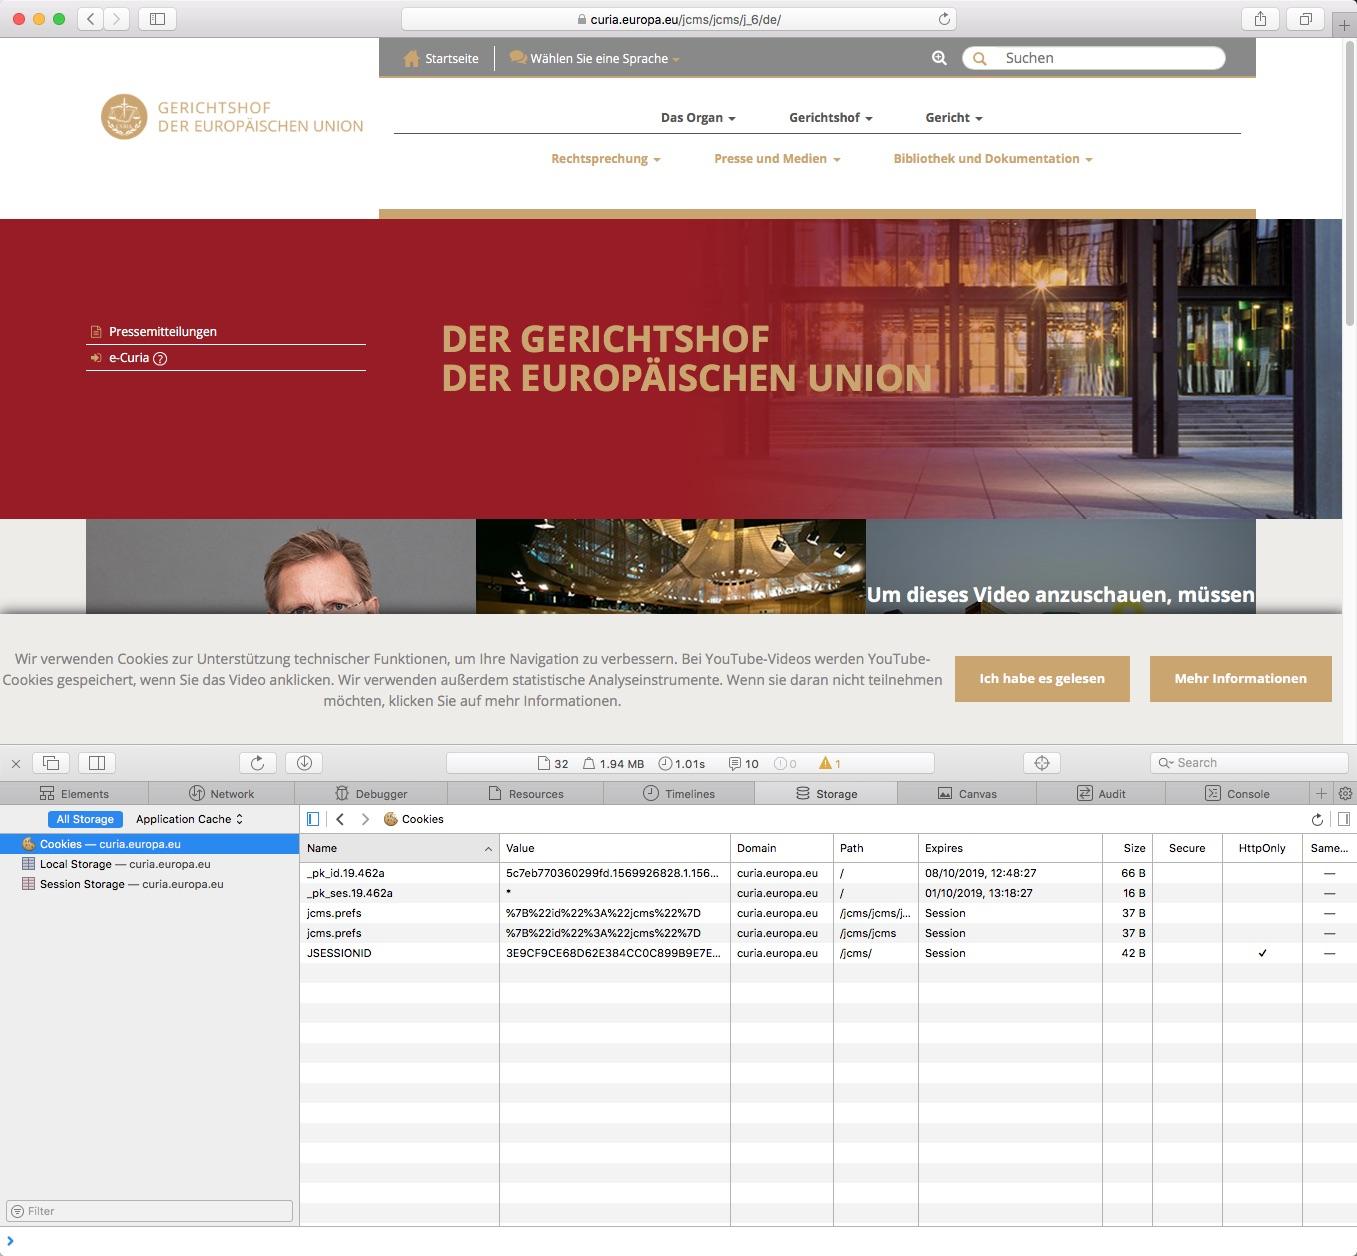 Bildschirmfoto der Seite des Europäischen Gerichtshofs mit Cookie-Banner, das mutmaßlich nicht die selbst aufgestellten Anforderungen erfüllt